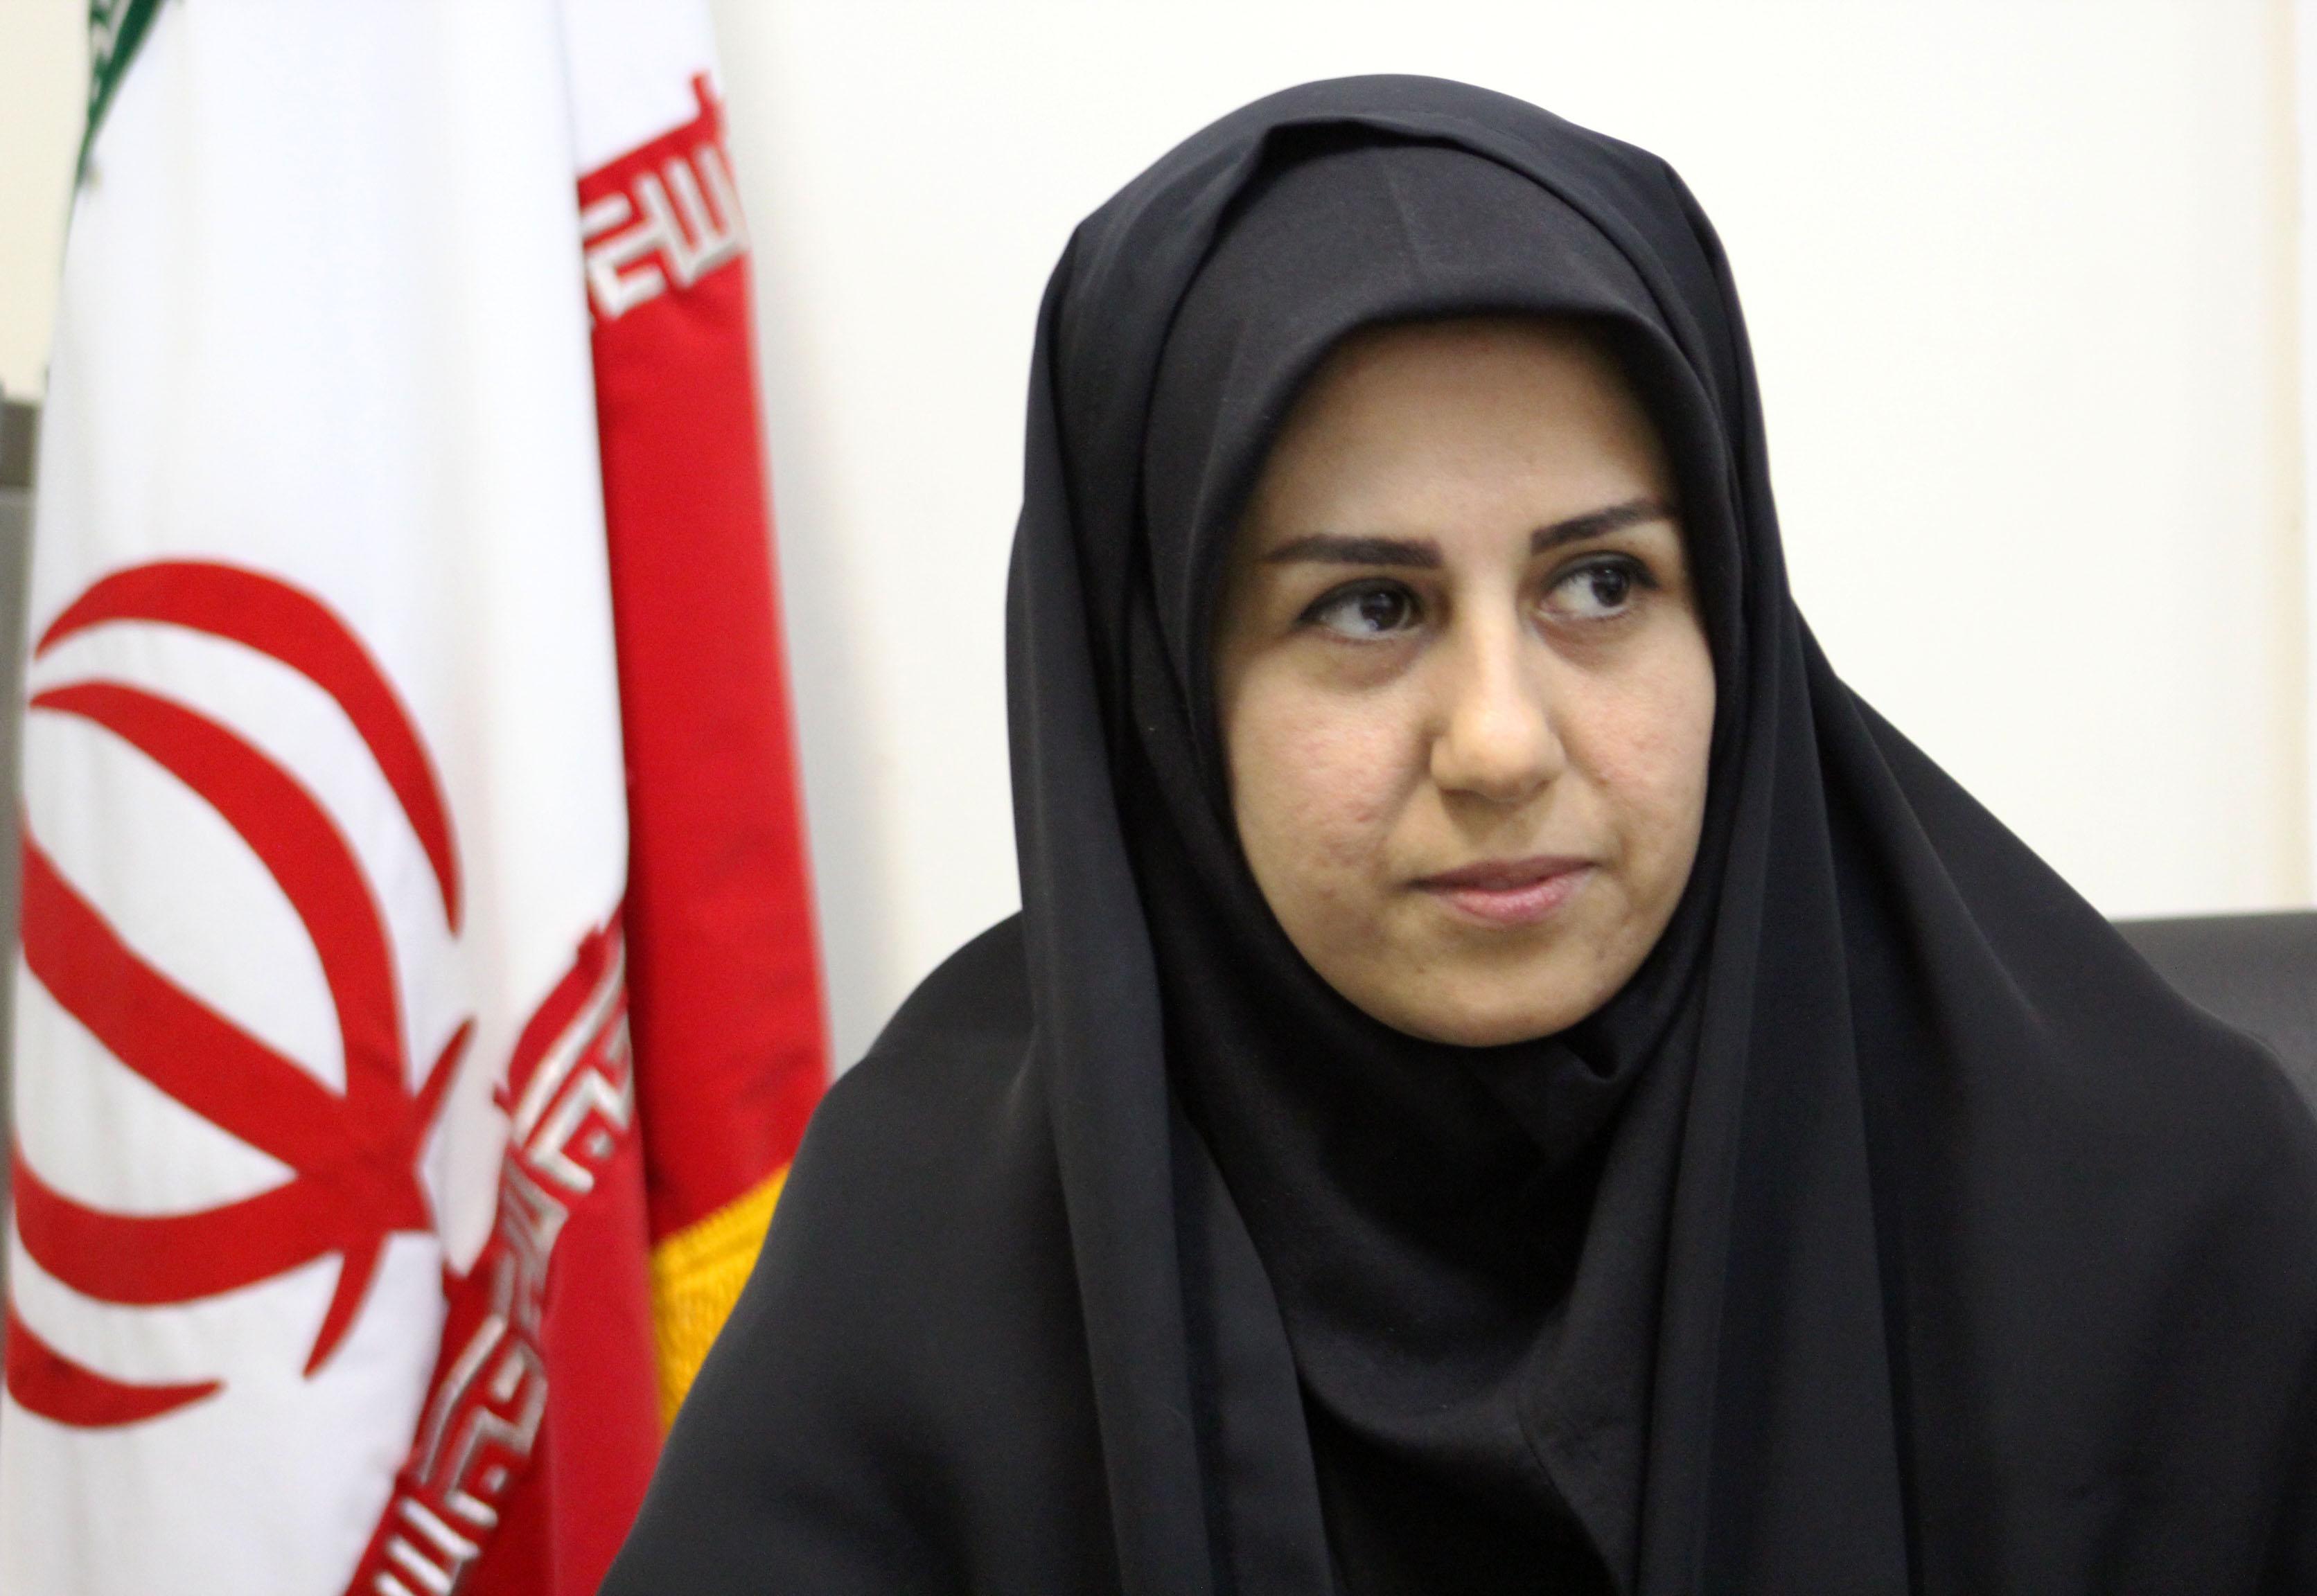 دفاع فرمانداری از حقوق کاسبان دماوندی/ جانمایی دوشنبهبازار در مسکن مهر دماوند